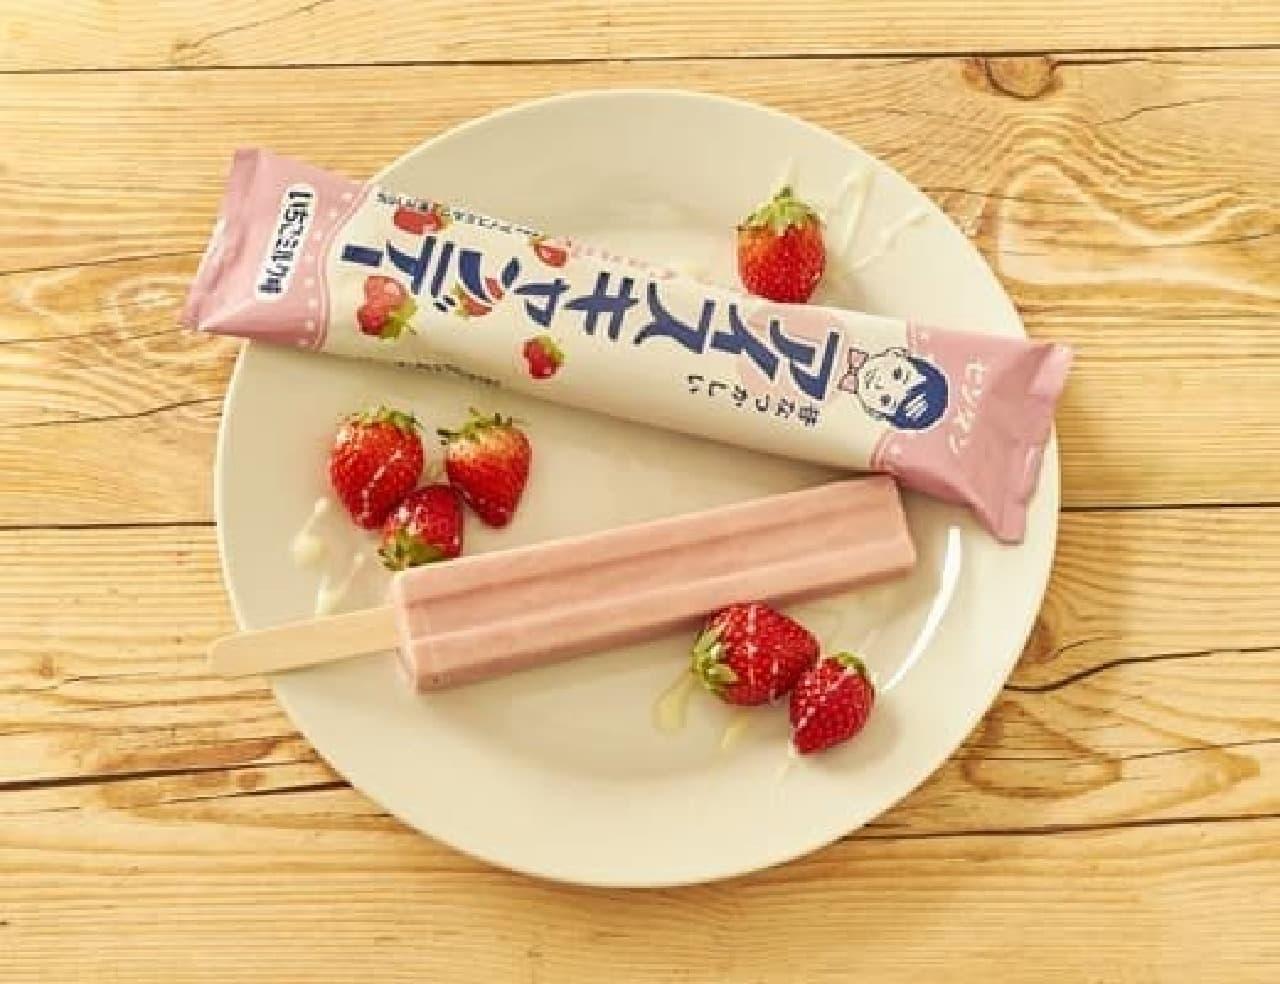 ローソン「センタン アイスキャンデーいちごミルク味 120ml」